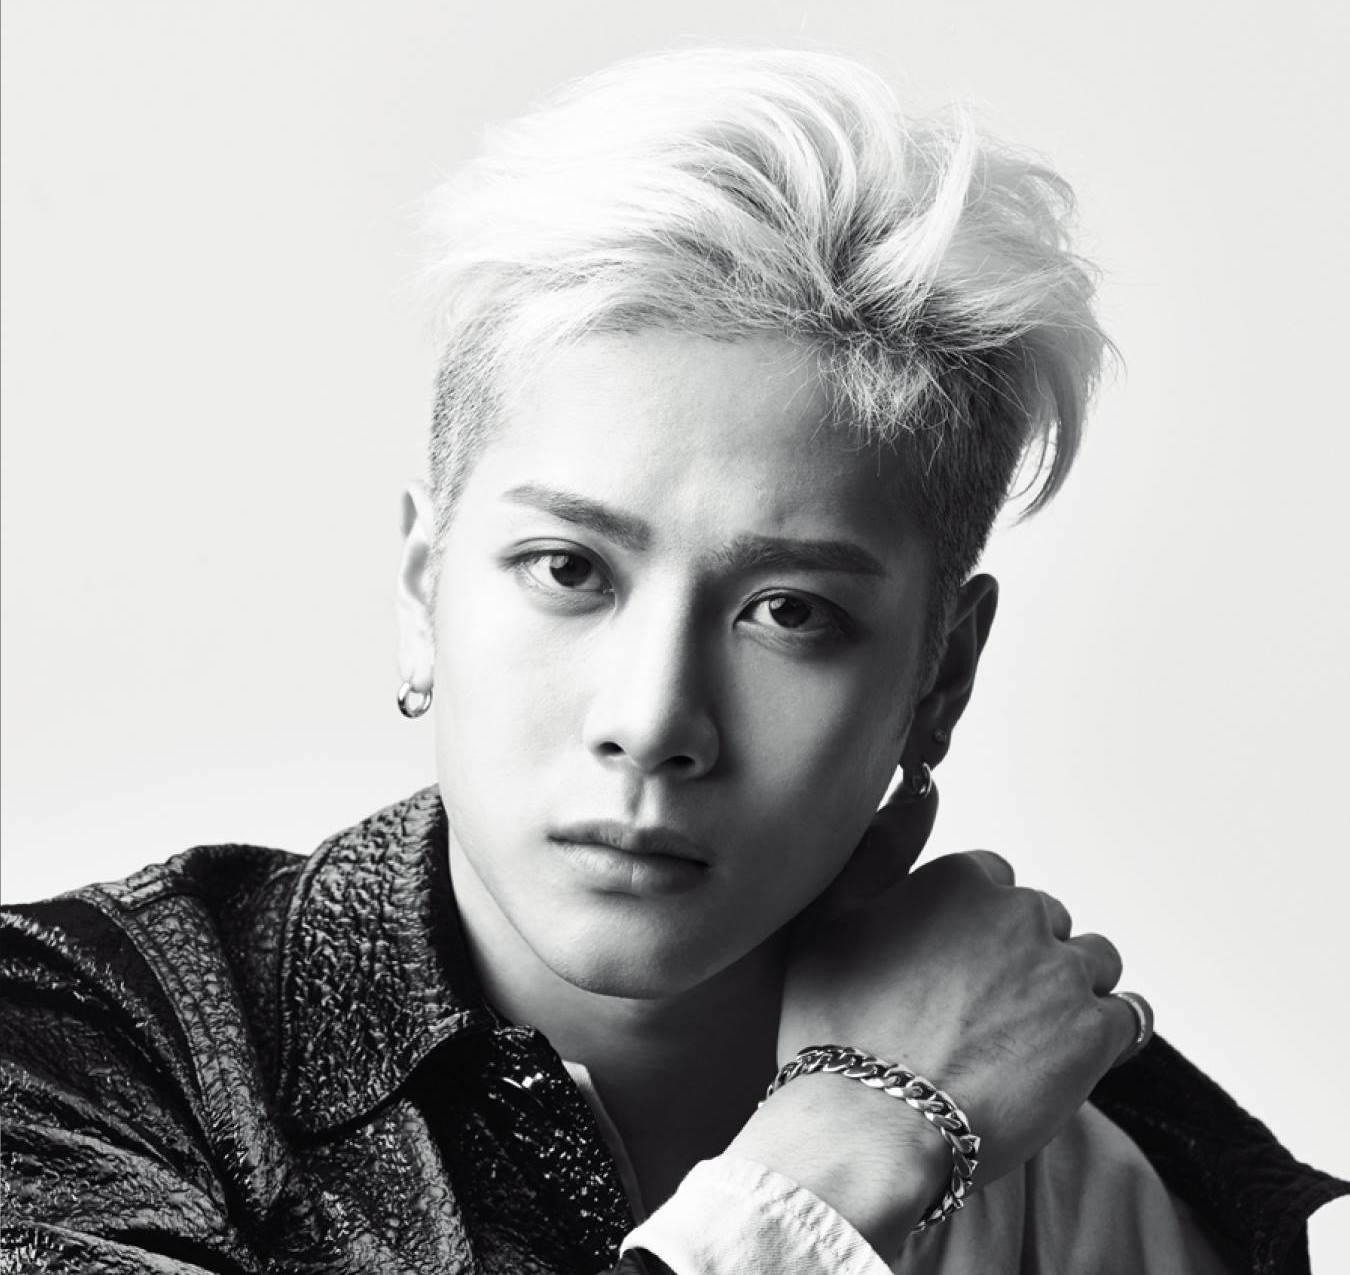 Jackson de GOT7 se ve involucrado en un accidente de tráfico debido a que algunas personas le seguían